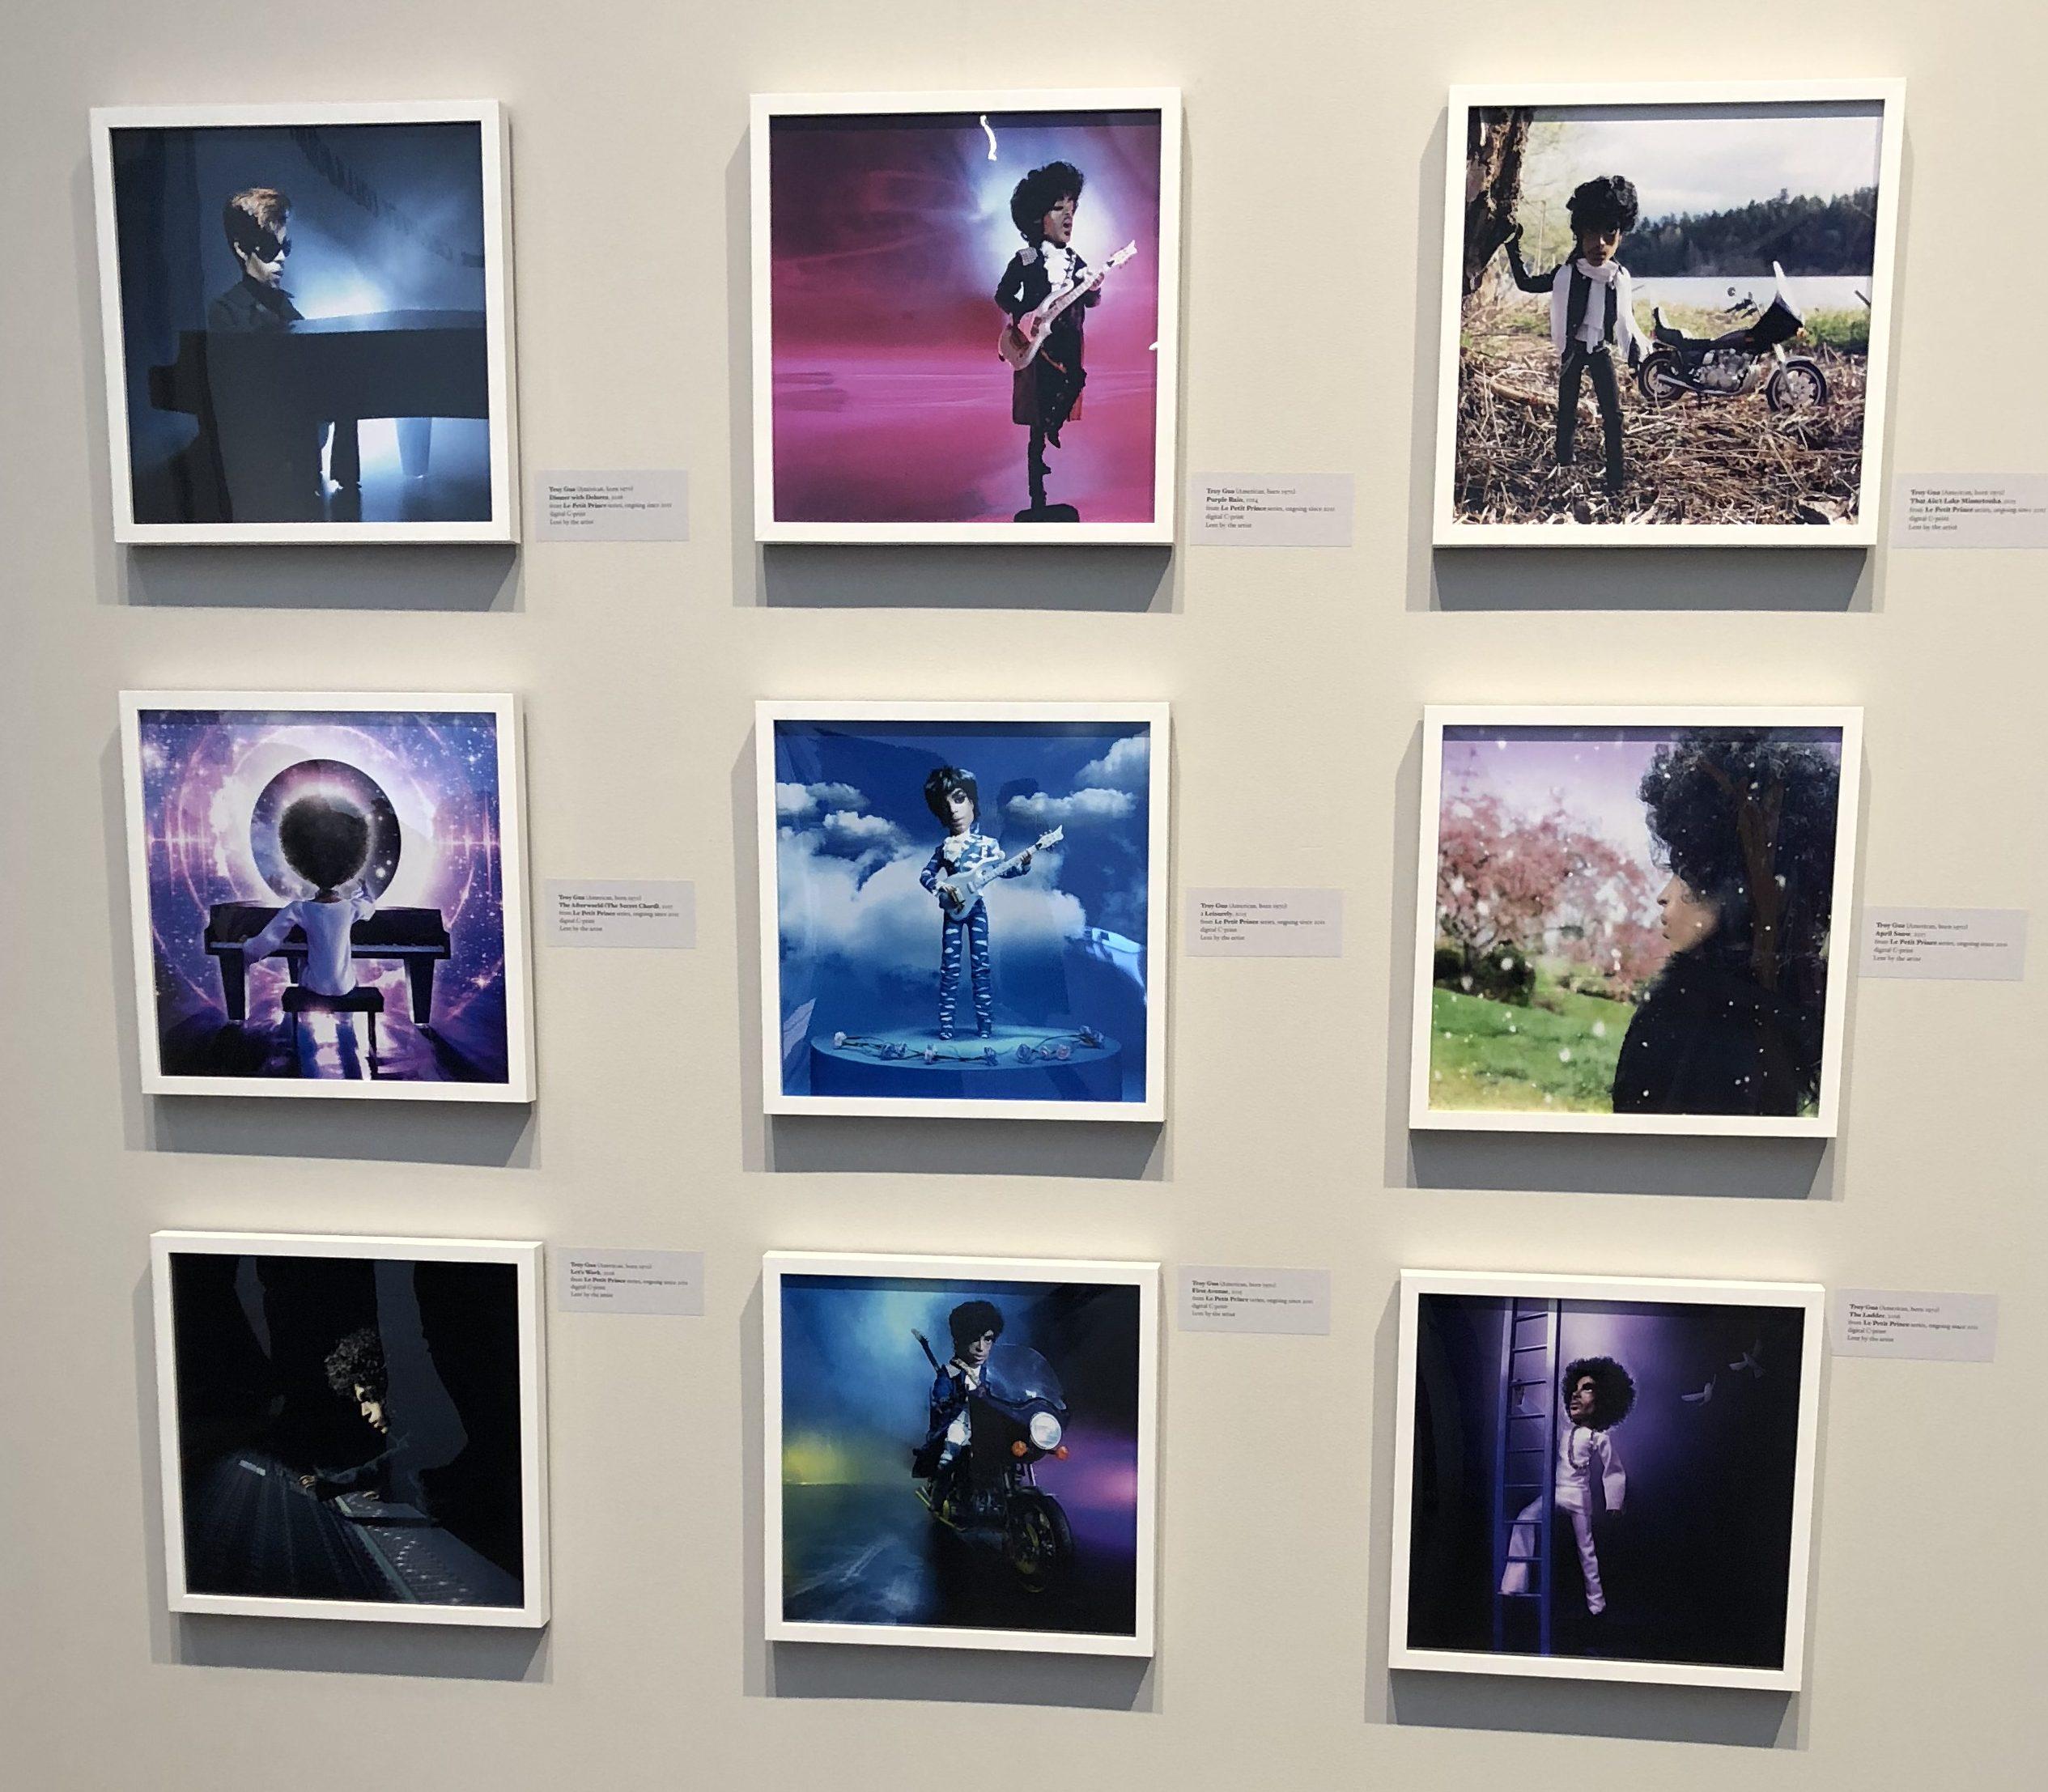 Prince Exhibition